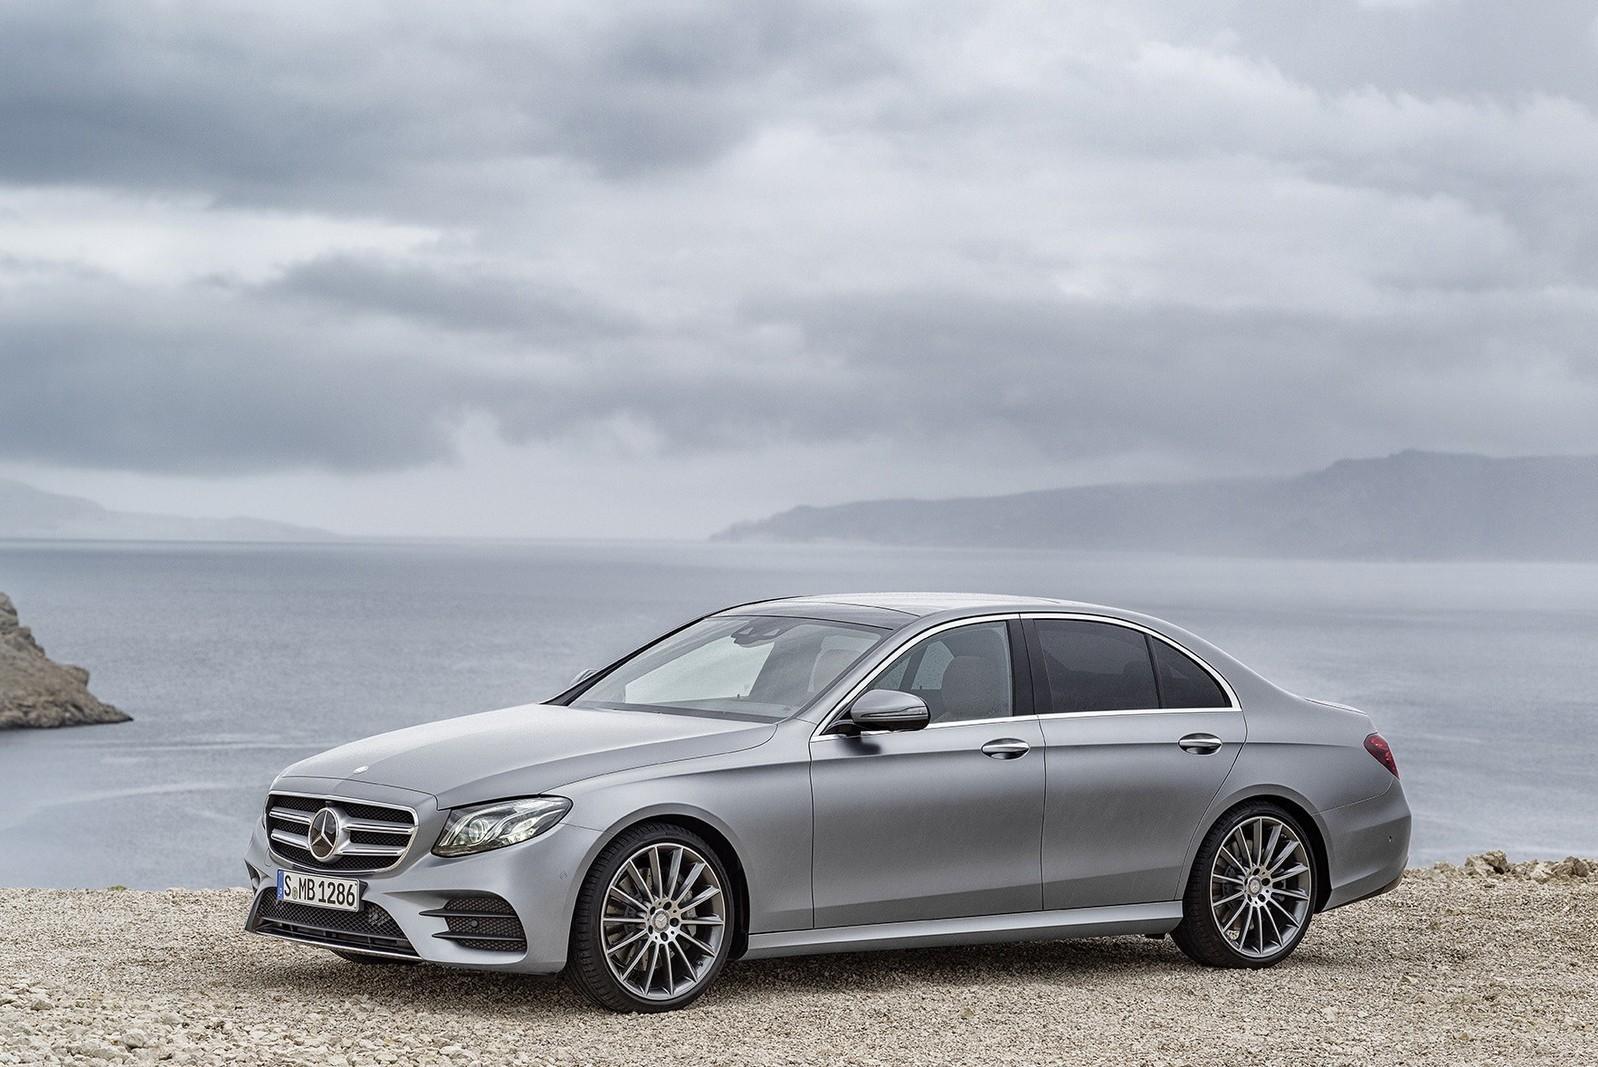 Mercedes построит российский завод в партнерстве с КАМАЗом